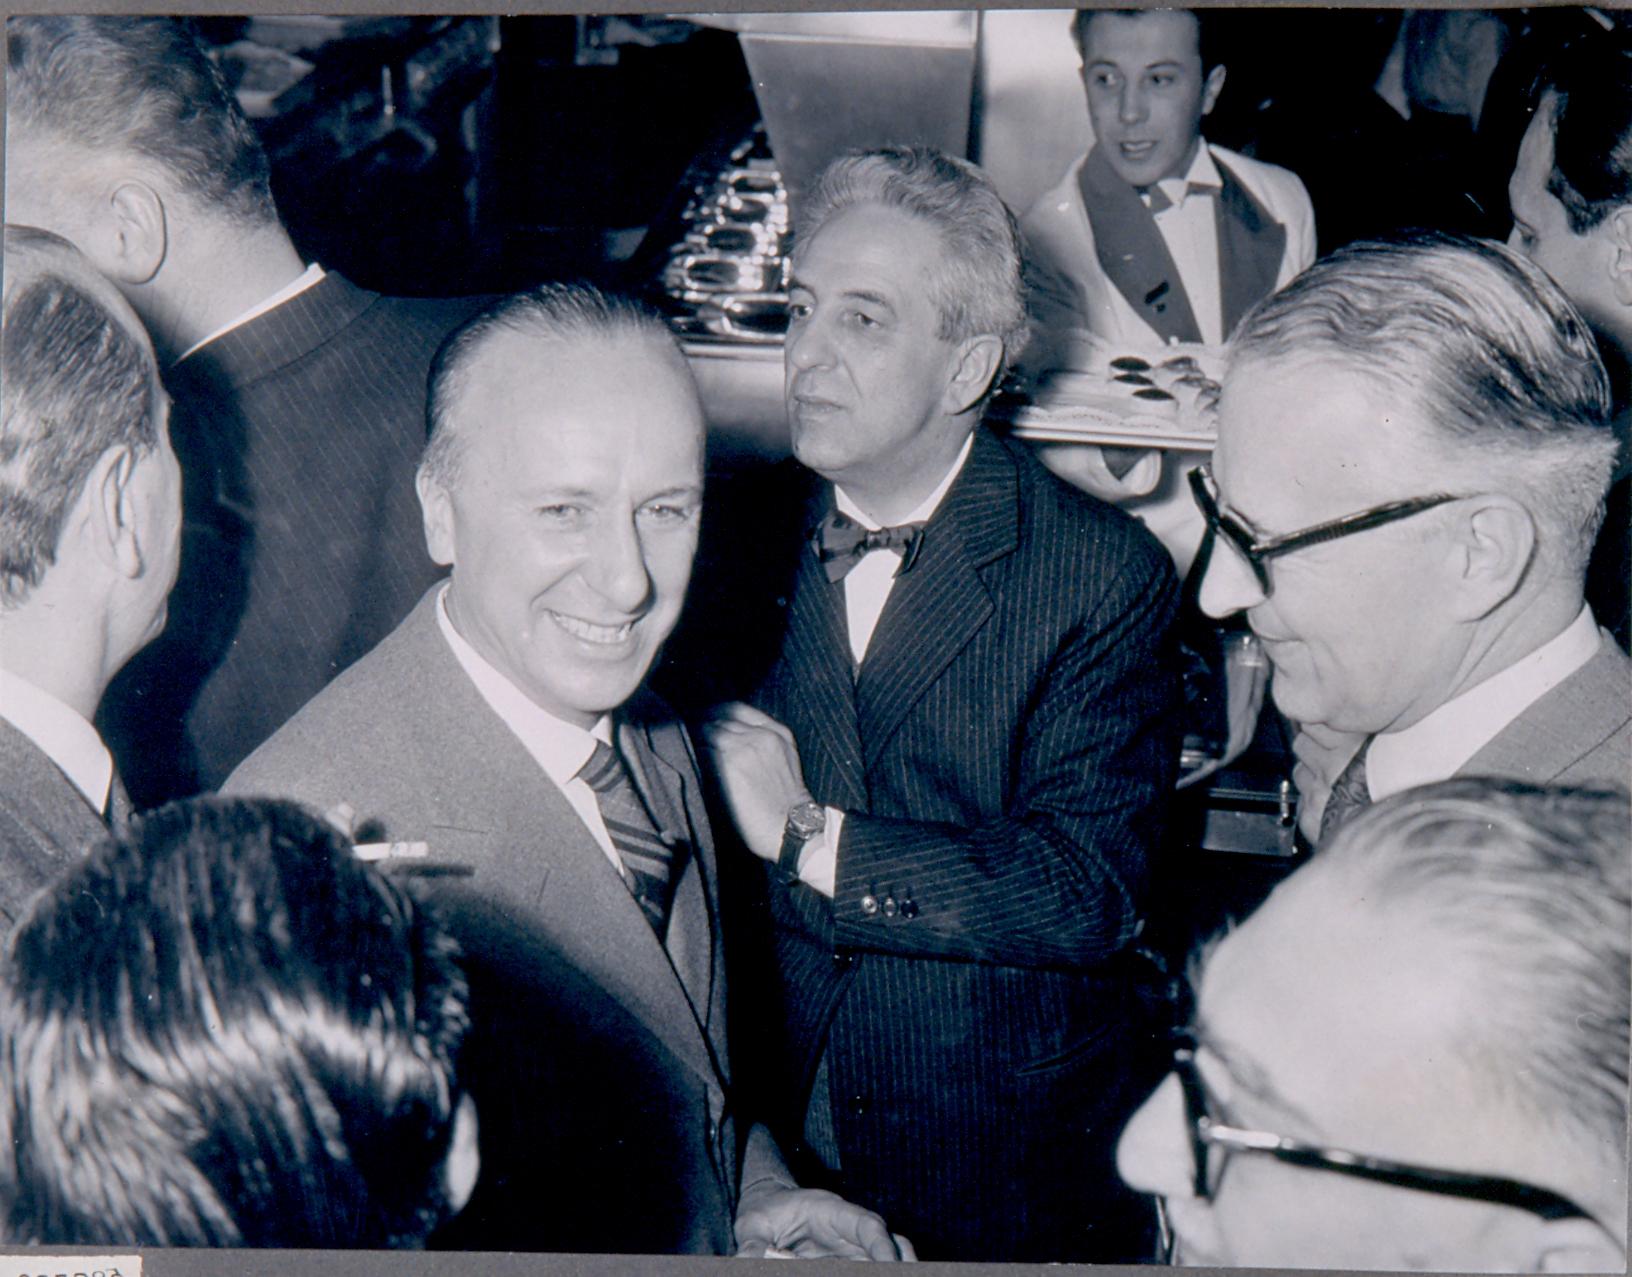 Autogrill Fiorenzuola D'Arda inaugurazione nel 1959 alla presenza dell'allora Ministro degli Interni Eugenio Scalfari. Fondo Pavesi Archivio Storico Barilla